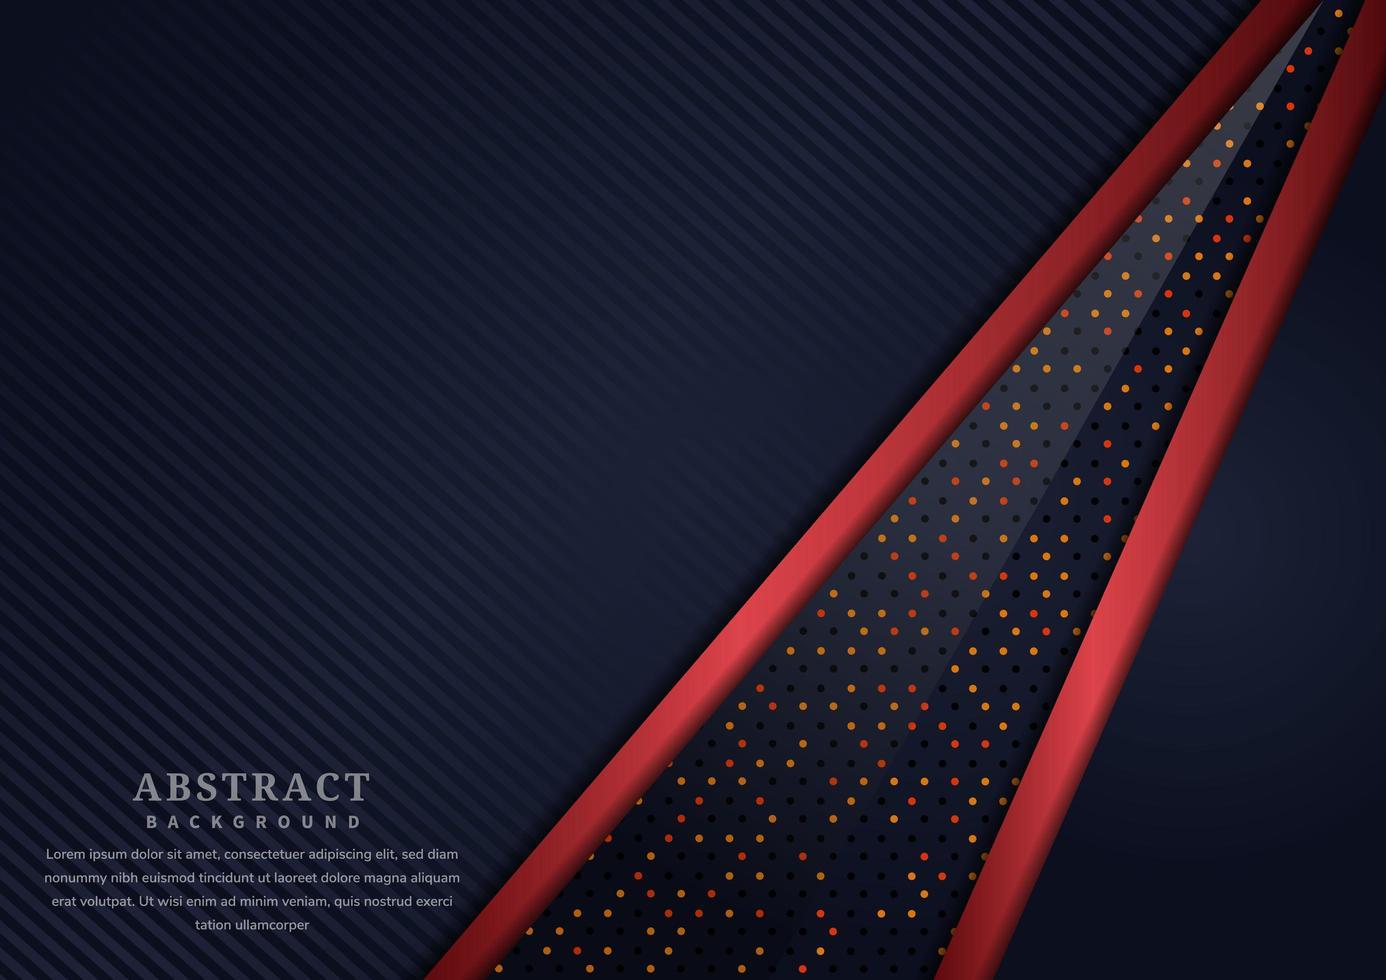 abstrakte diagonale schwarze überlappende Schicht mit rotem Randhintergrund vektor